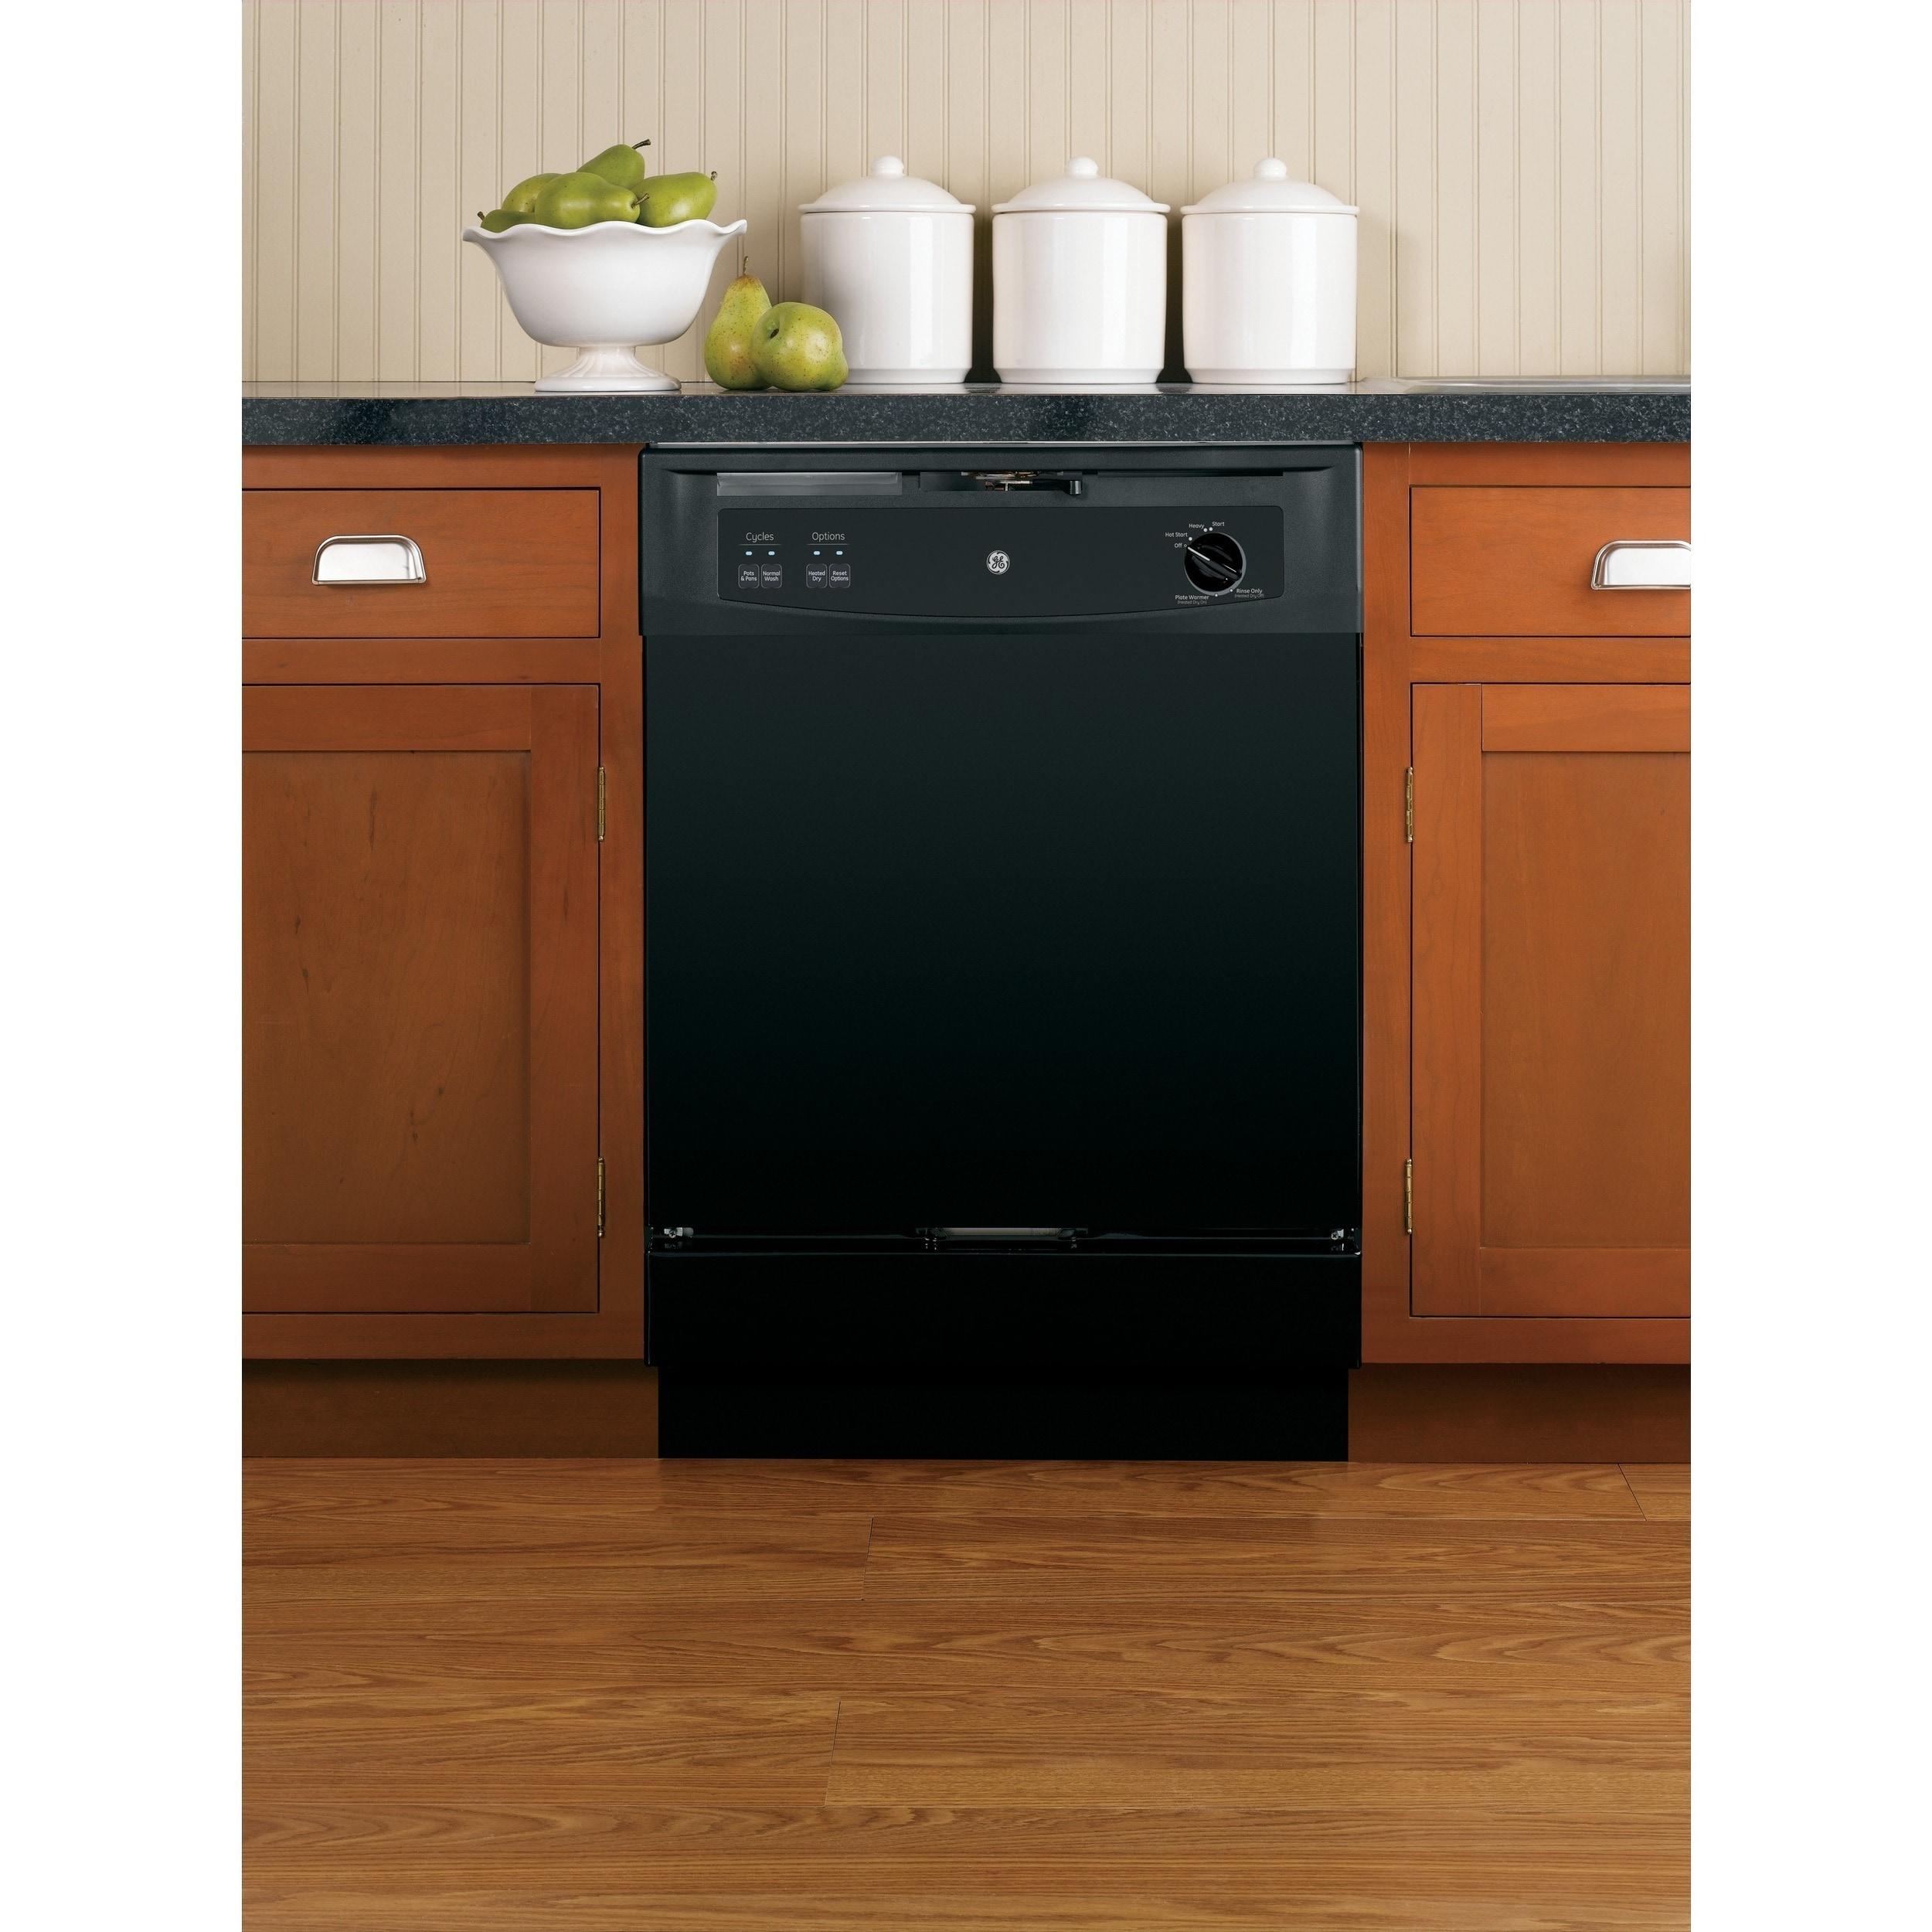 GE Convertible Portable Dishwasher BLACK